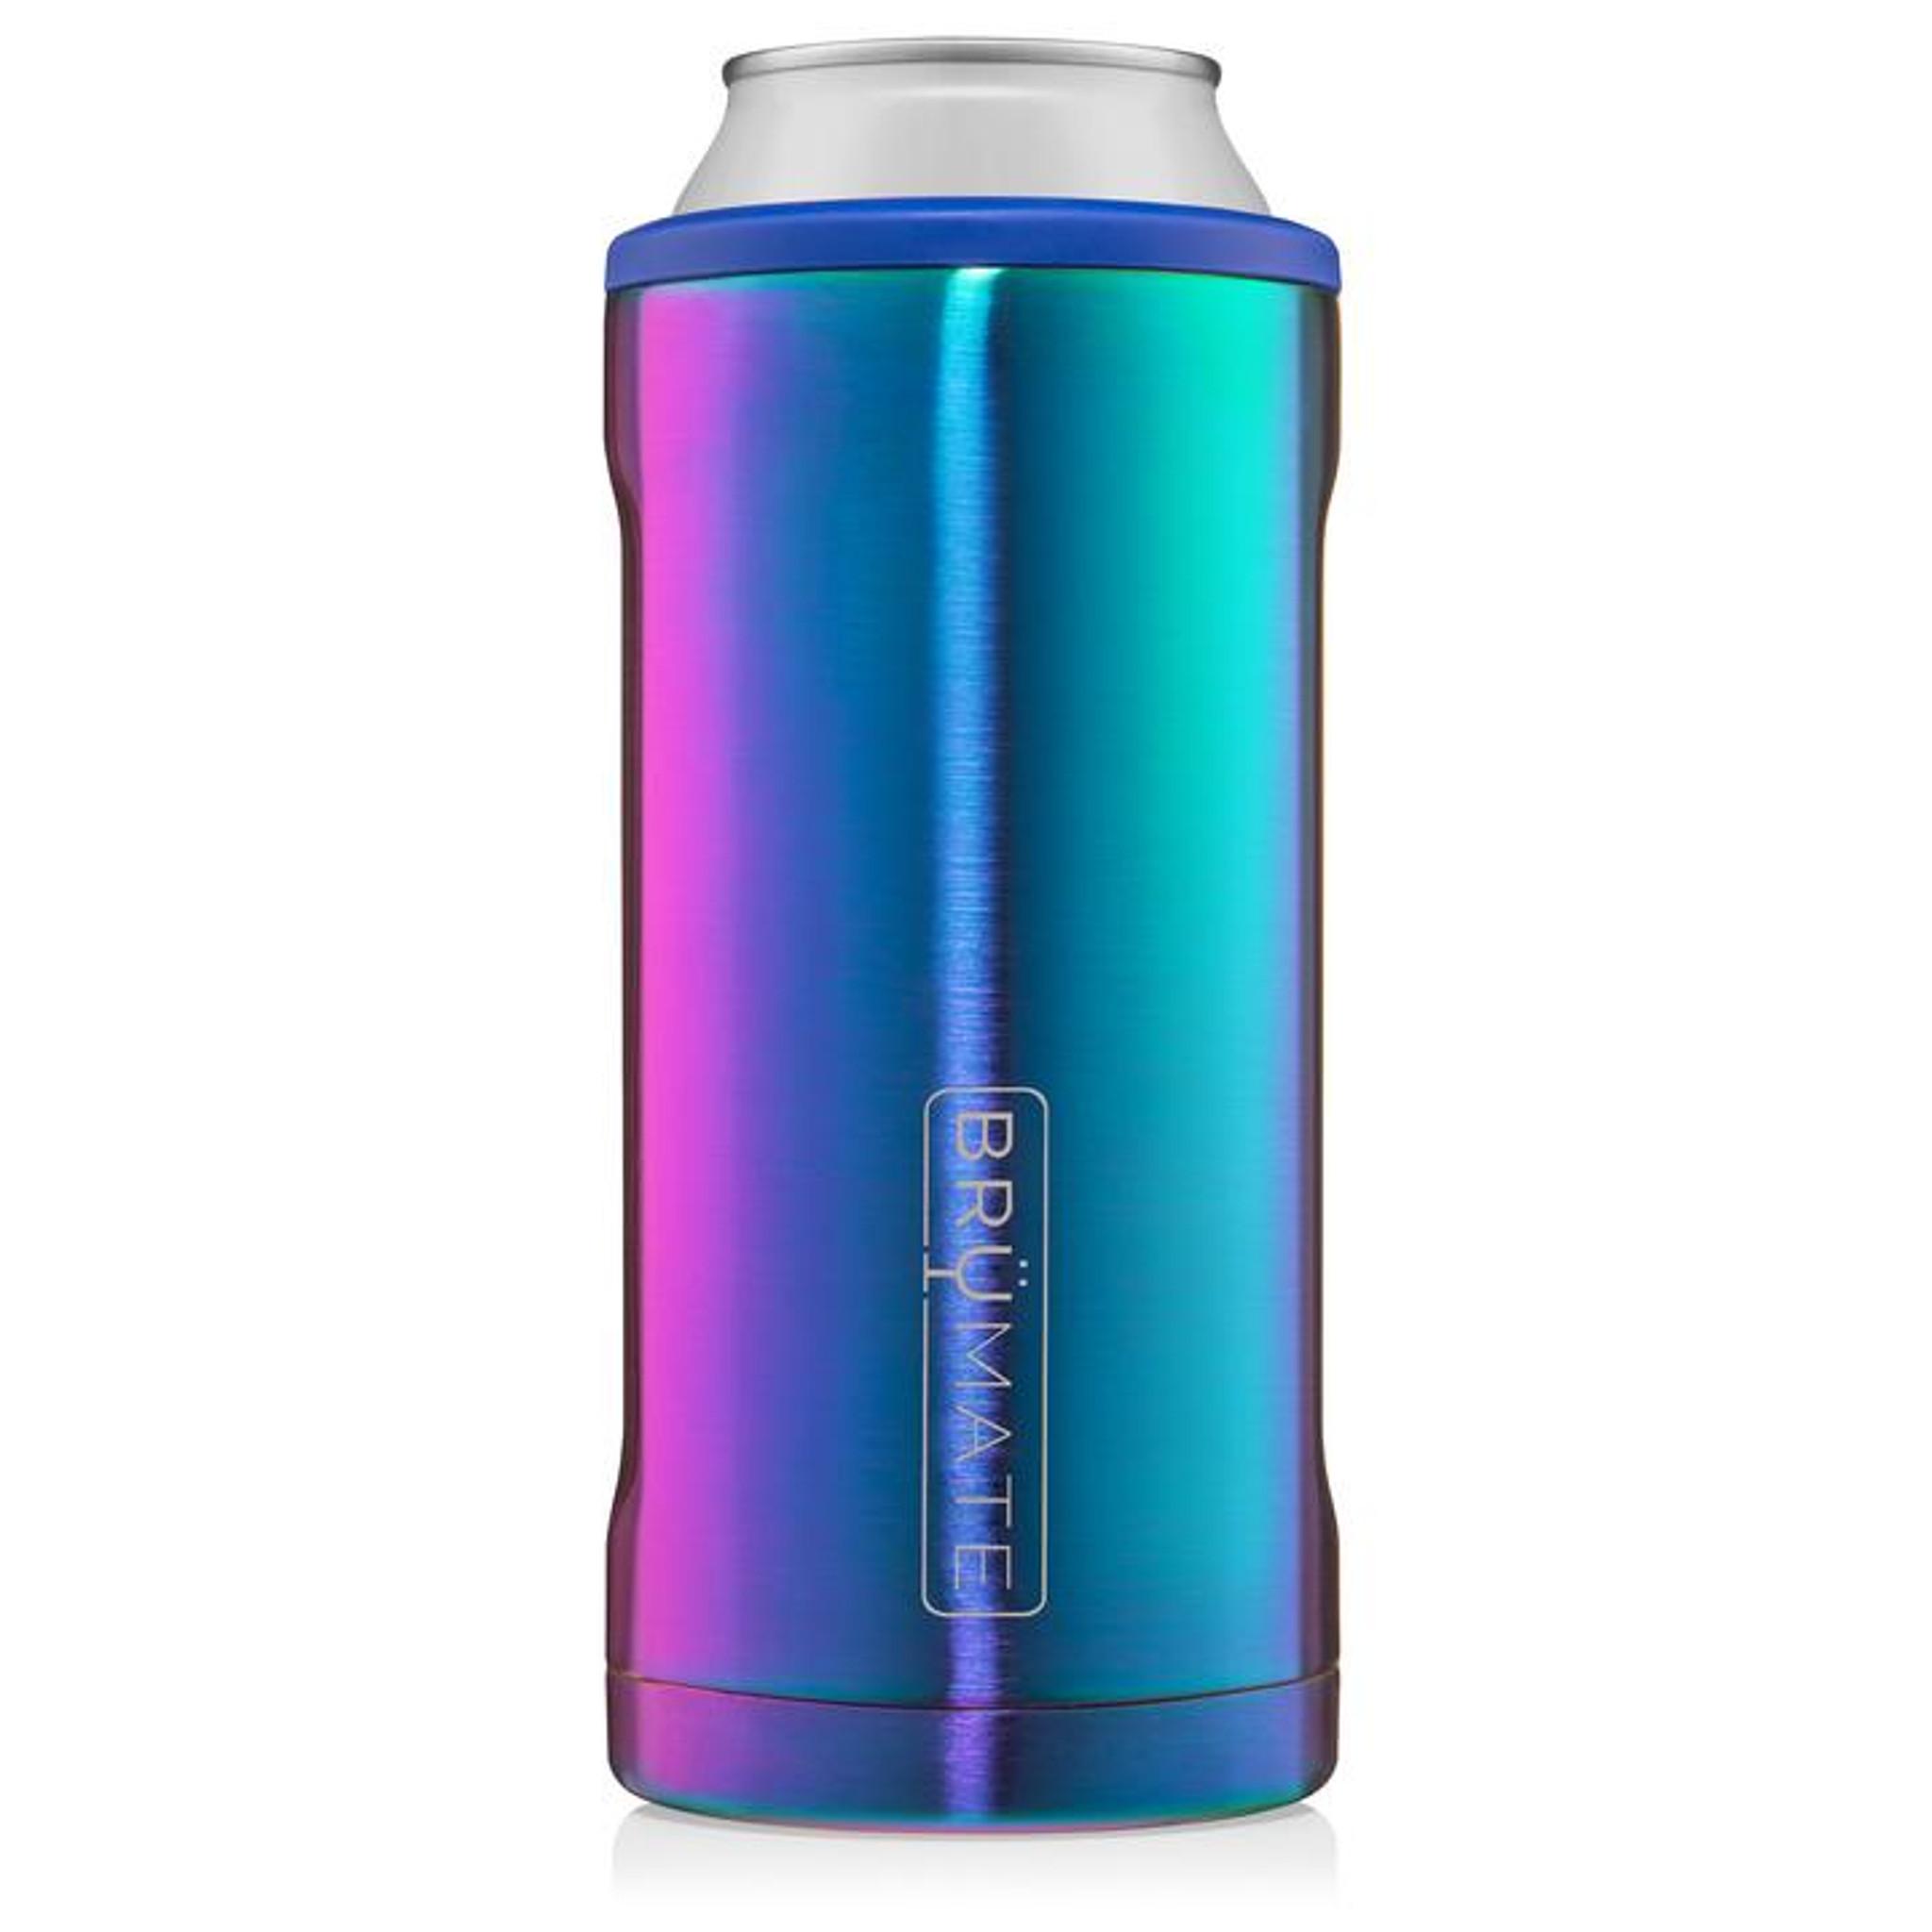 Brumate Slim Hopsulator - Rainbow